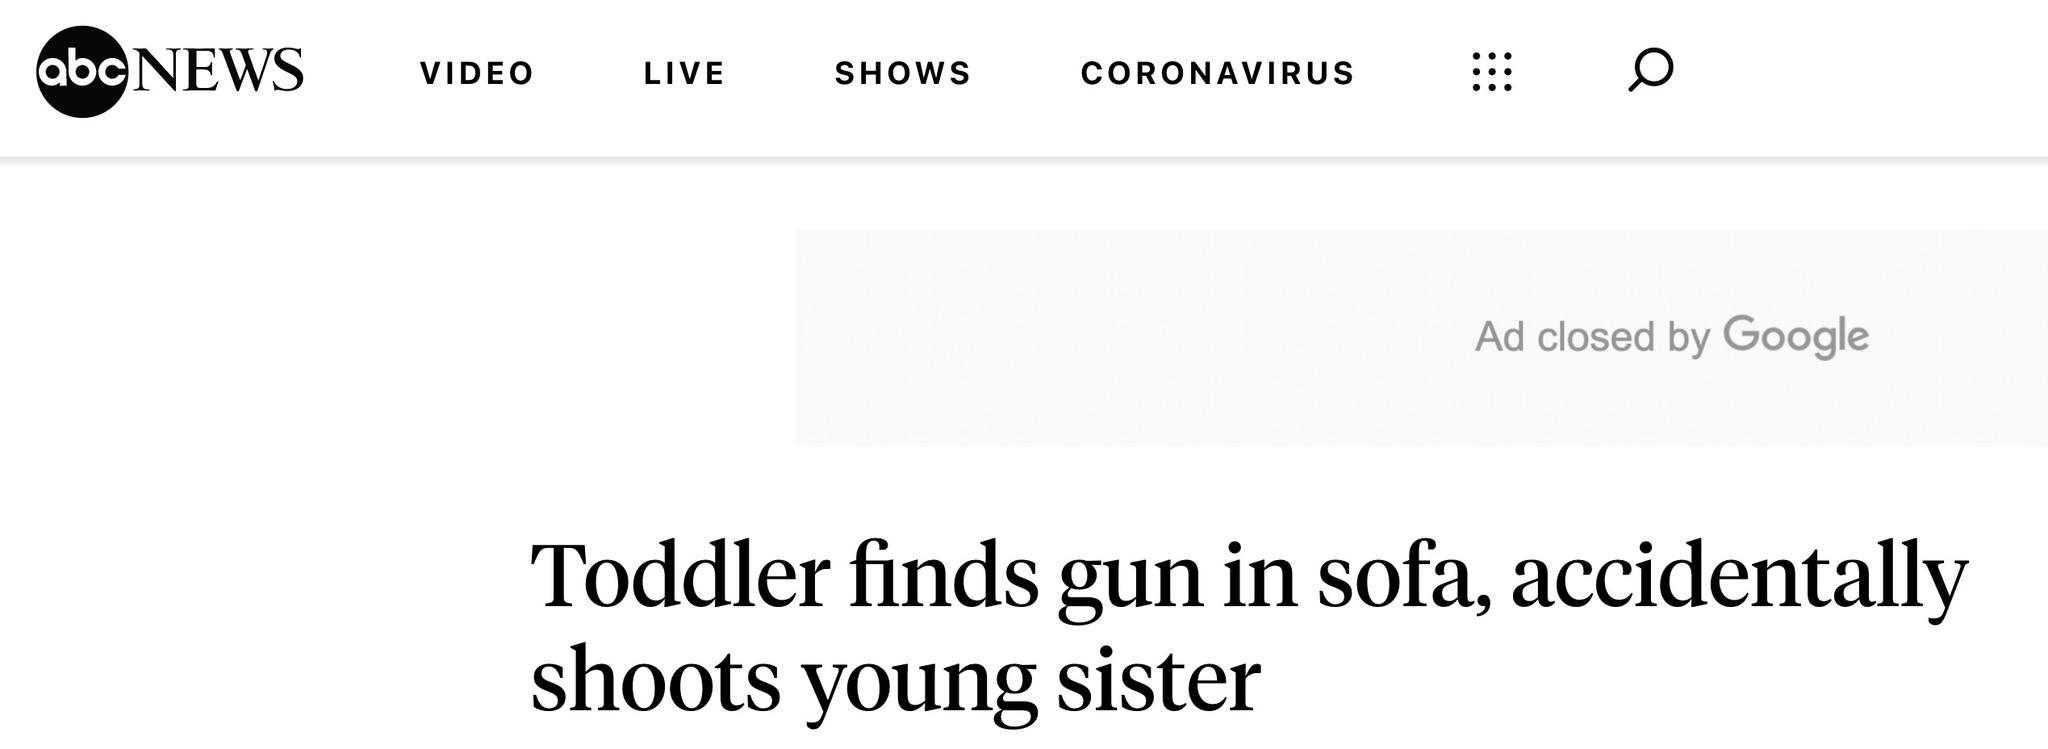 可怕!美国3岁男孩朝2岁妹妹开枪,后者情况危急